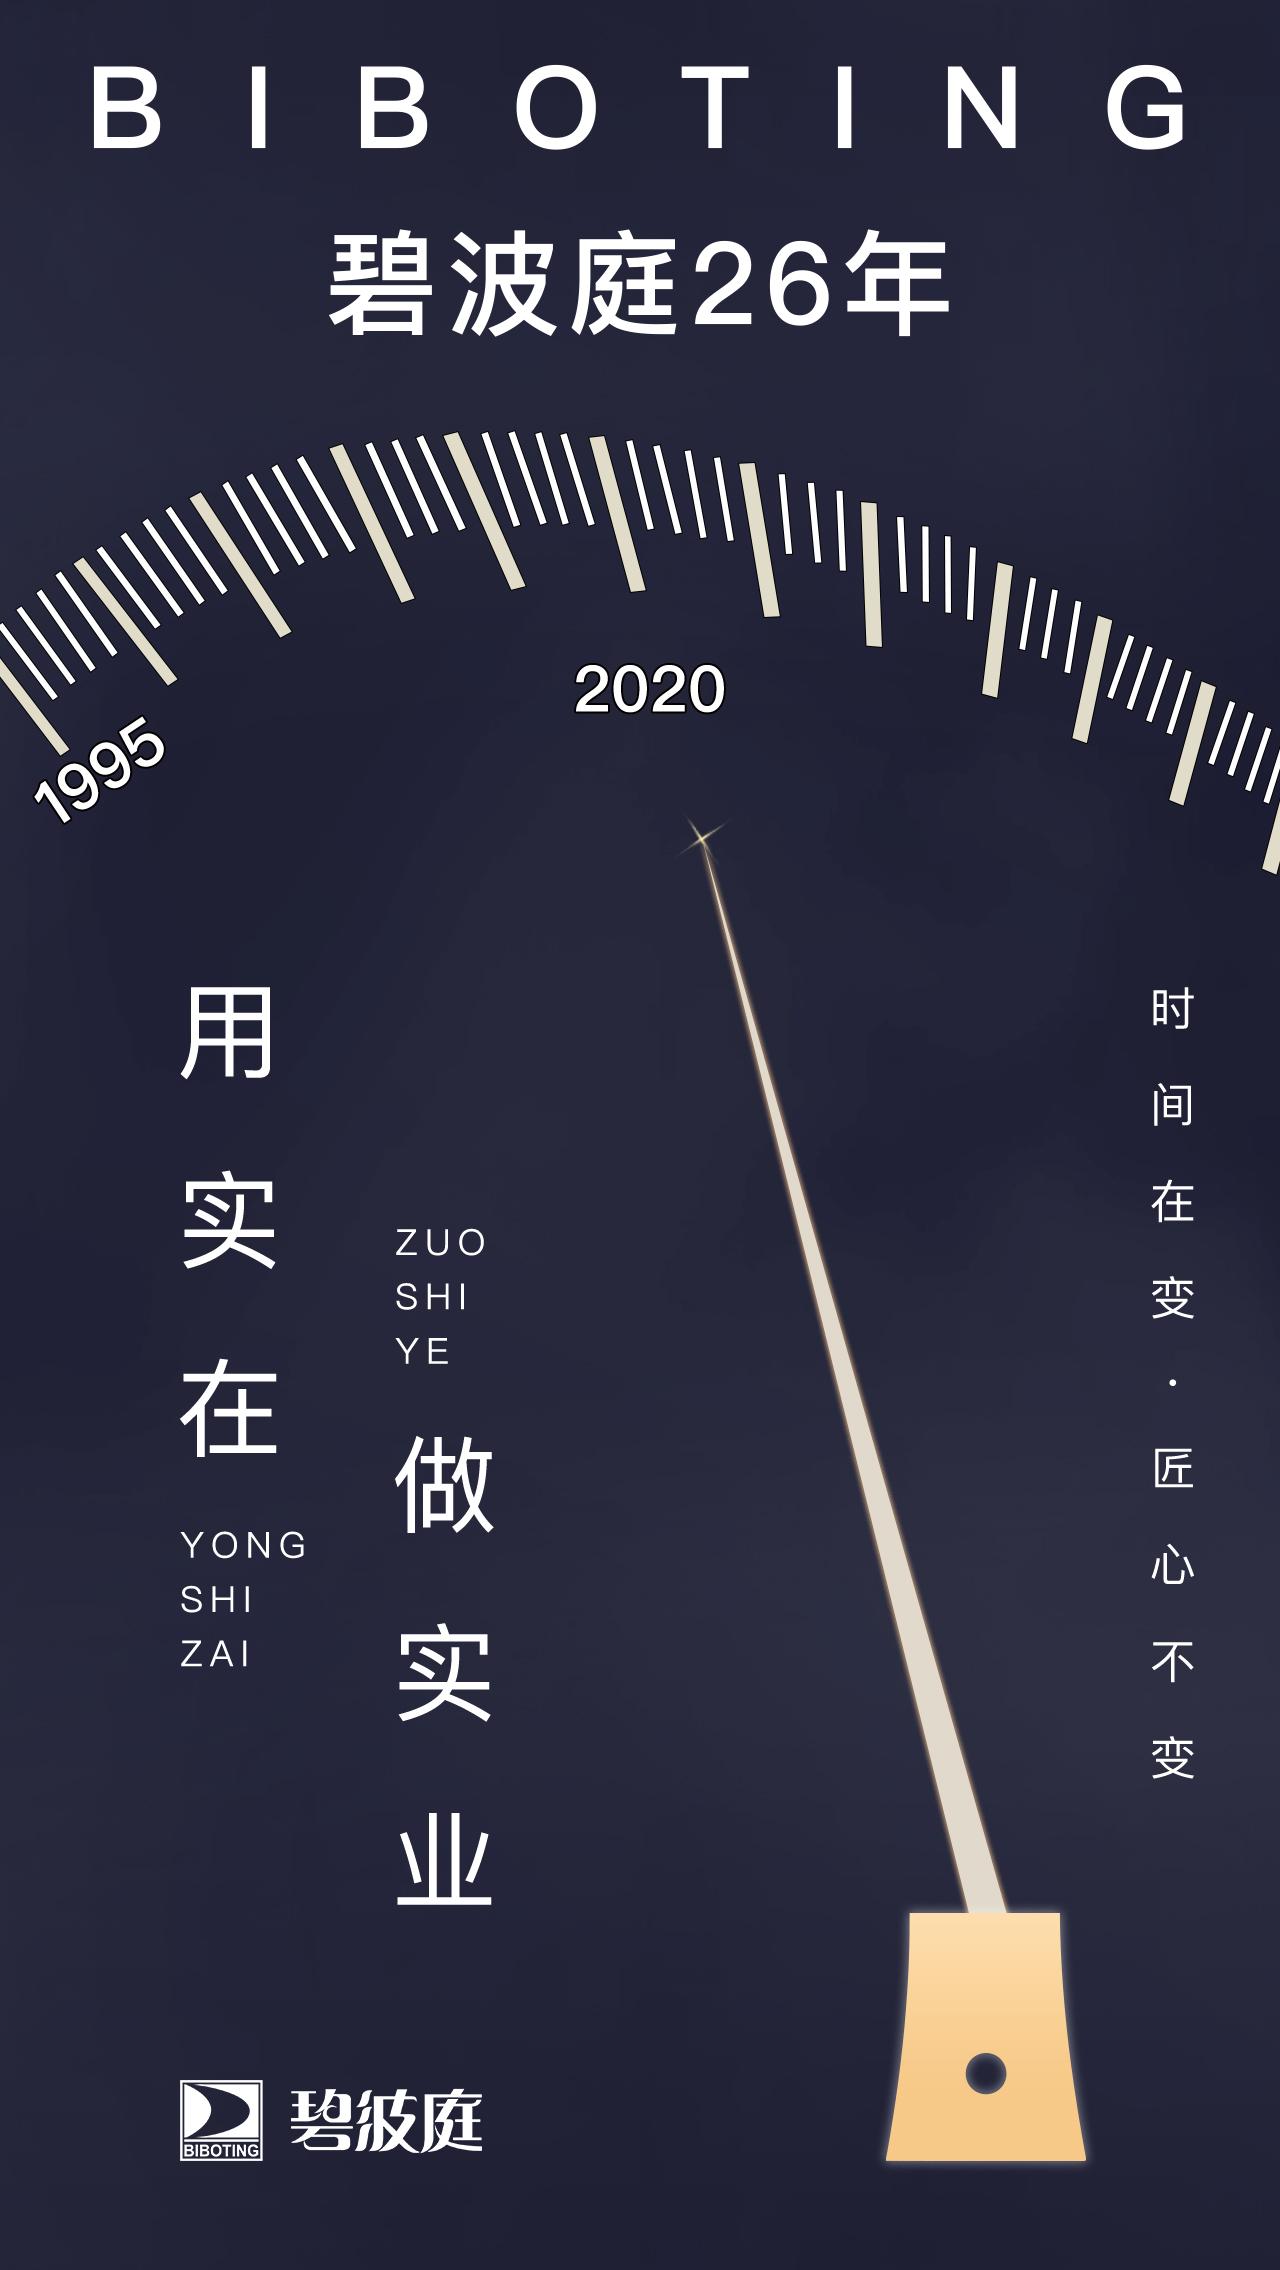 碧波庭26周年暨新品发布会